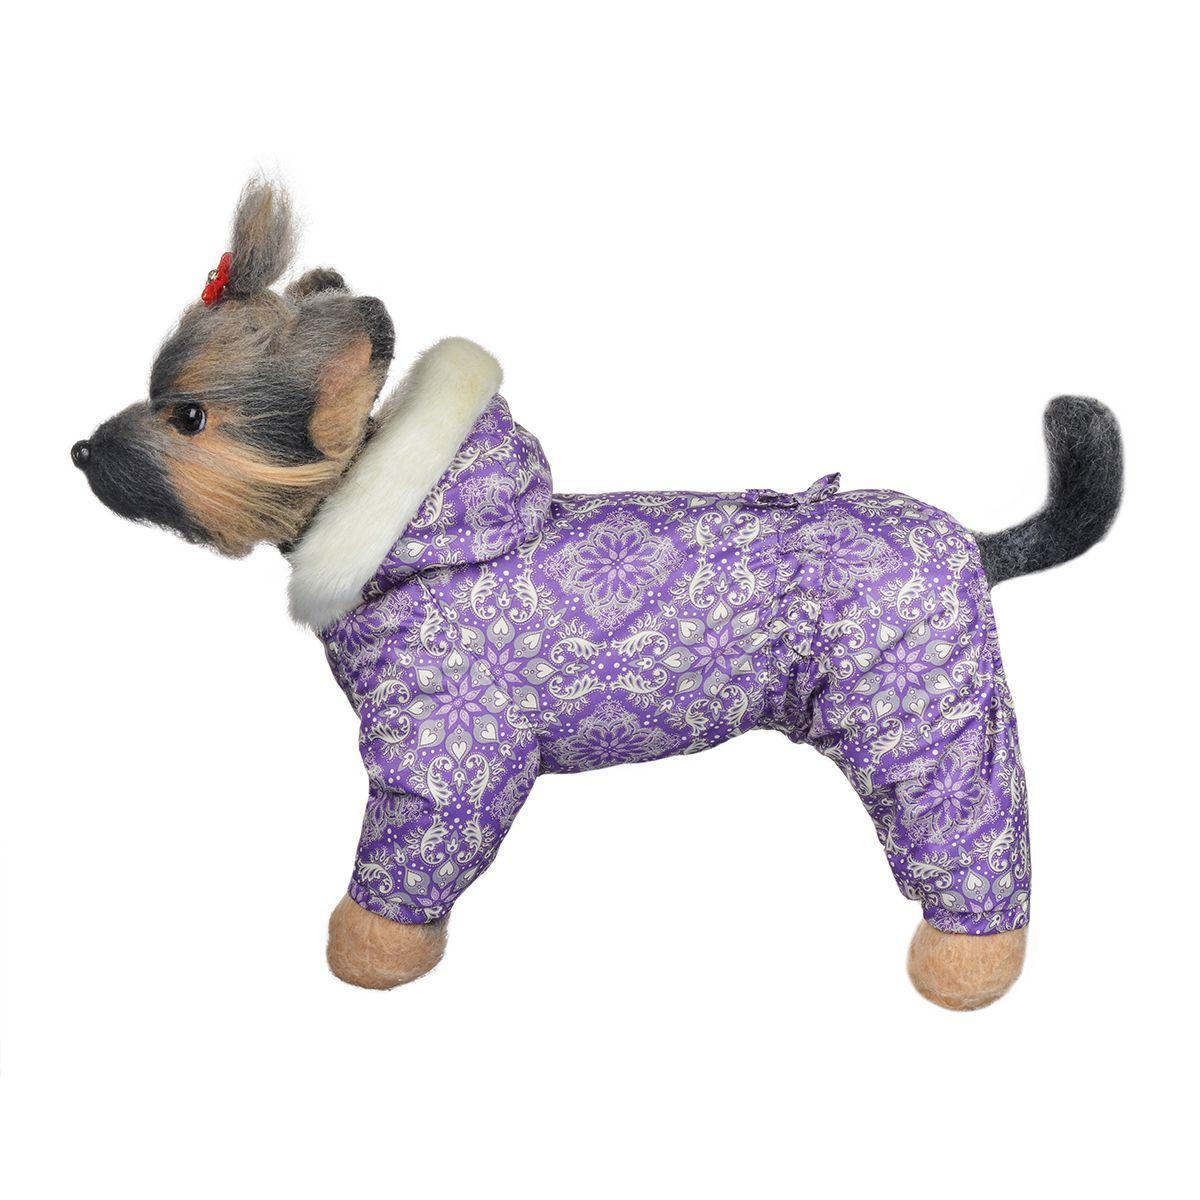 Комбинезон для собак Dogmoda Winter, зимний, для девочки, цвет: фиолетовый, белый, серый. Размер 3 (L)DM-150335-3Зимний комбинезон для собак Dogmoda Winter отлично подойдет для прогулок в зимнее время года. Комбинезон изготовлен из полиэстера, защищающего от ветра и снега, с утеплителем из синтепона, который сохранит тепло даже в сильные морозы, а на подкладке используется искусственный мех, который обеспечивает отличный воздухообмен. Комбинезон с капюшоном застегивается на кнопки, благодаря чему его легко надевать и снимать. Капюшон украшен искусственным мехом и не отстегивается. Низ рукавов и брючин оснащен внутренними резинками, которые мягко обхватывают лапки, не позволяя просачиваться холодному воздуху. На пояснице комбинезон затягивается на шнурок-кулиску. Благодаря такому комбинезону простуда не грозит вашему питомцу.